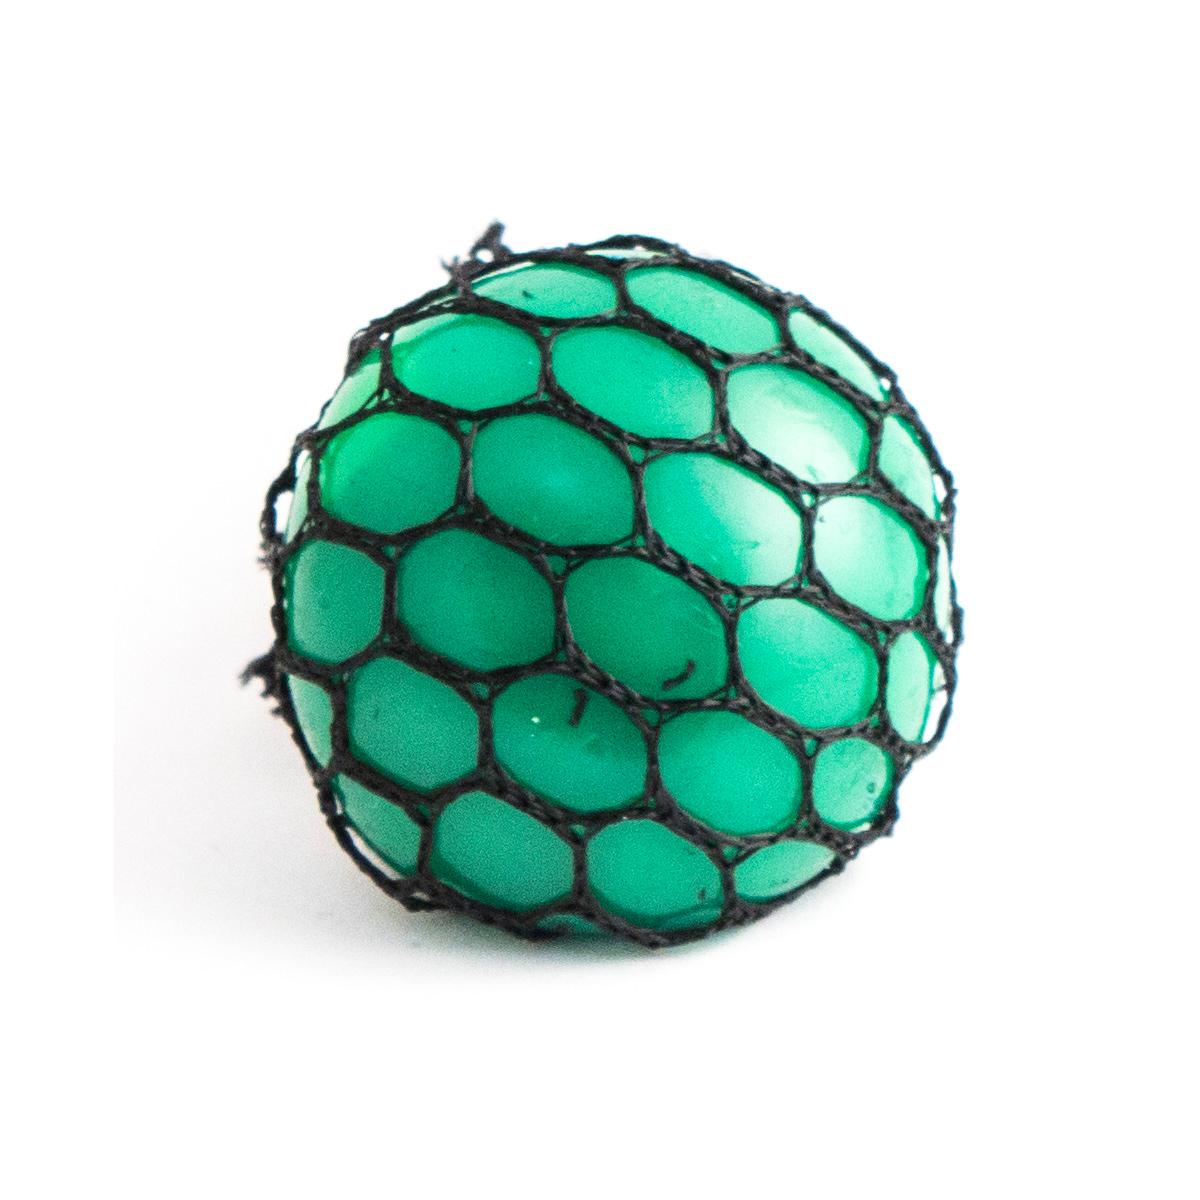 Игрушка-мялка Эврика Шарик, цвет: зеленый цена